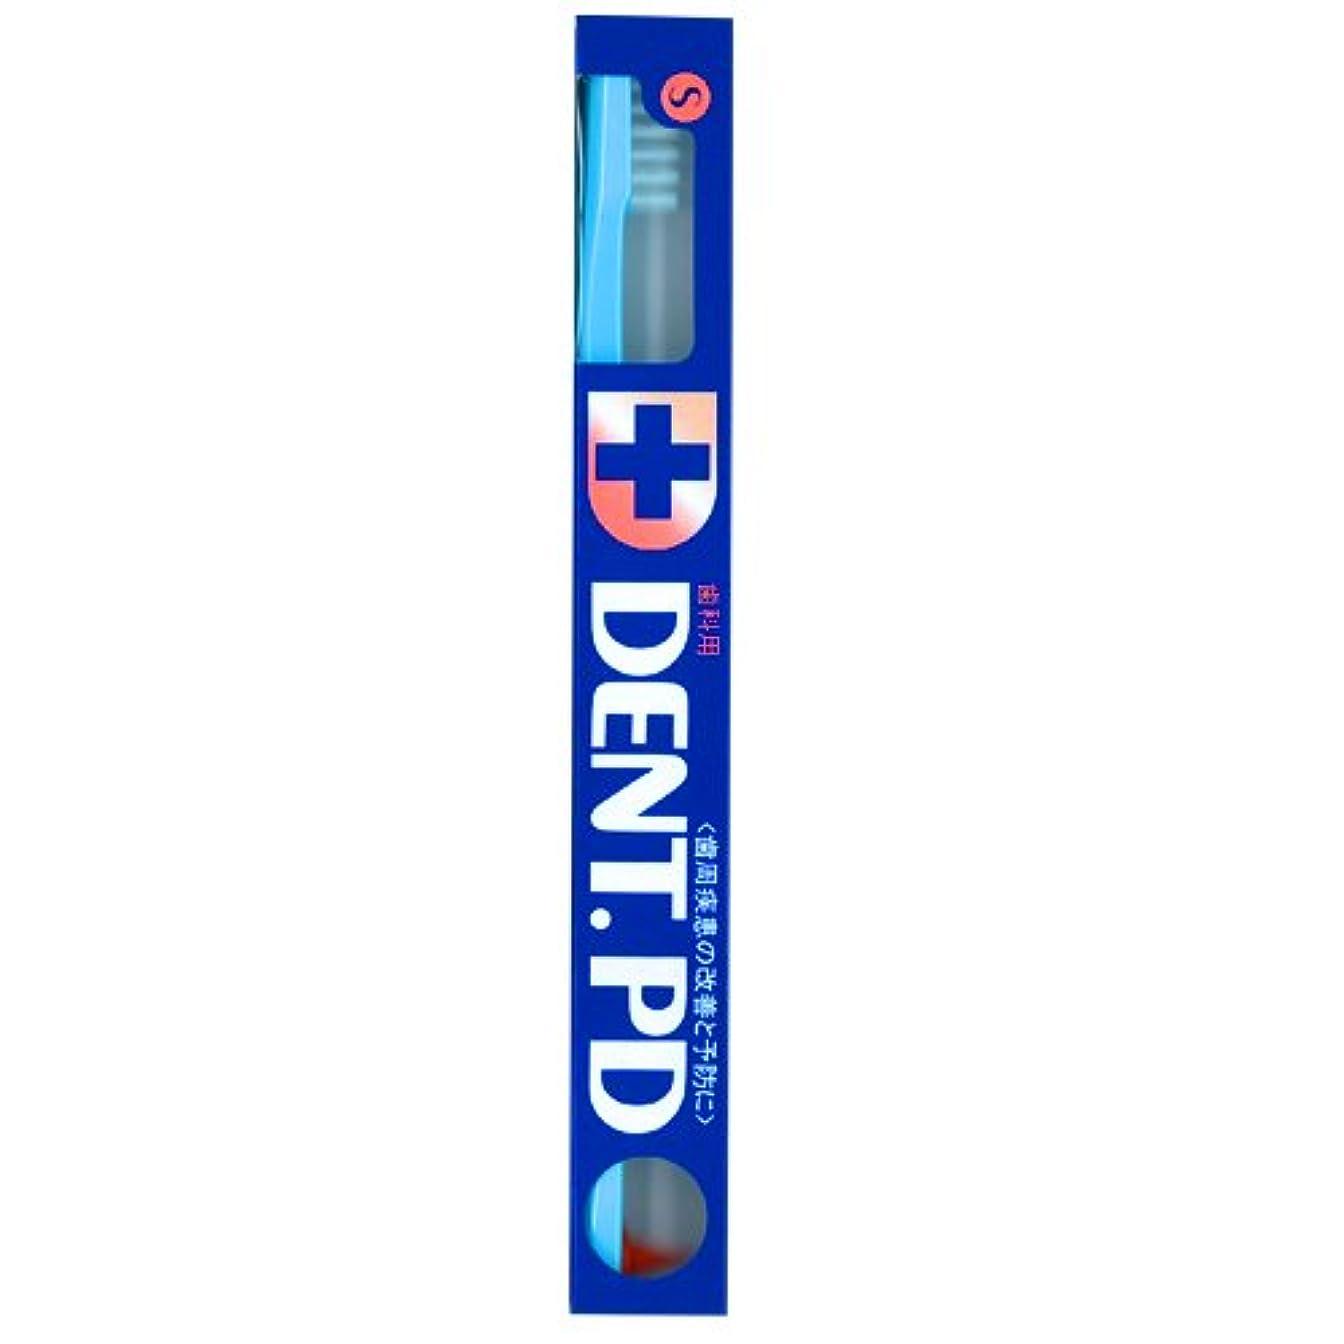 収益ドリンク擁するライオン DENT.PD歯ブラシ 1本 S (ブルー)